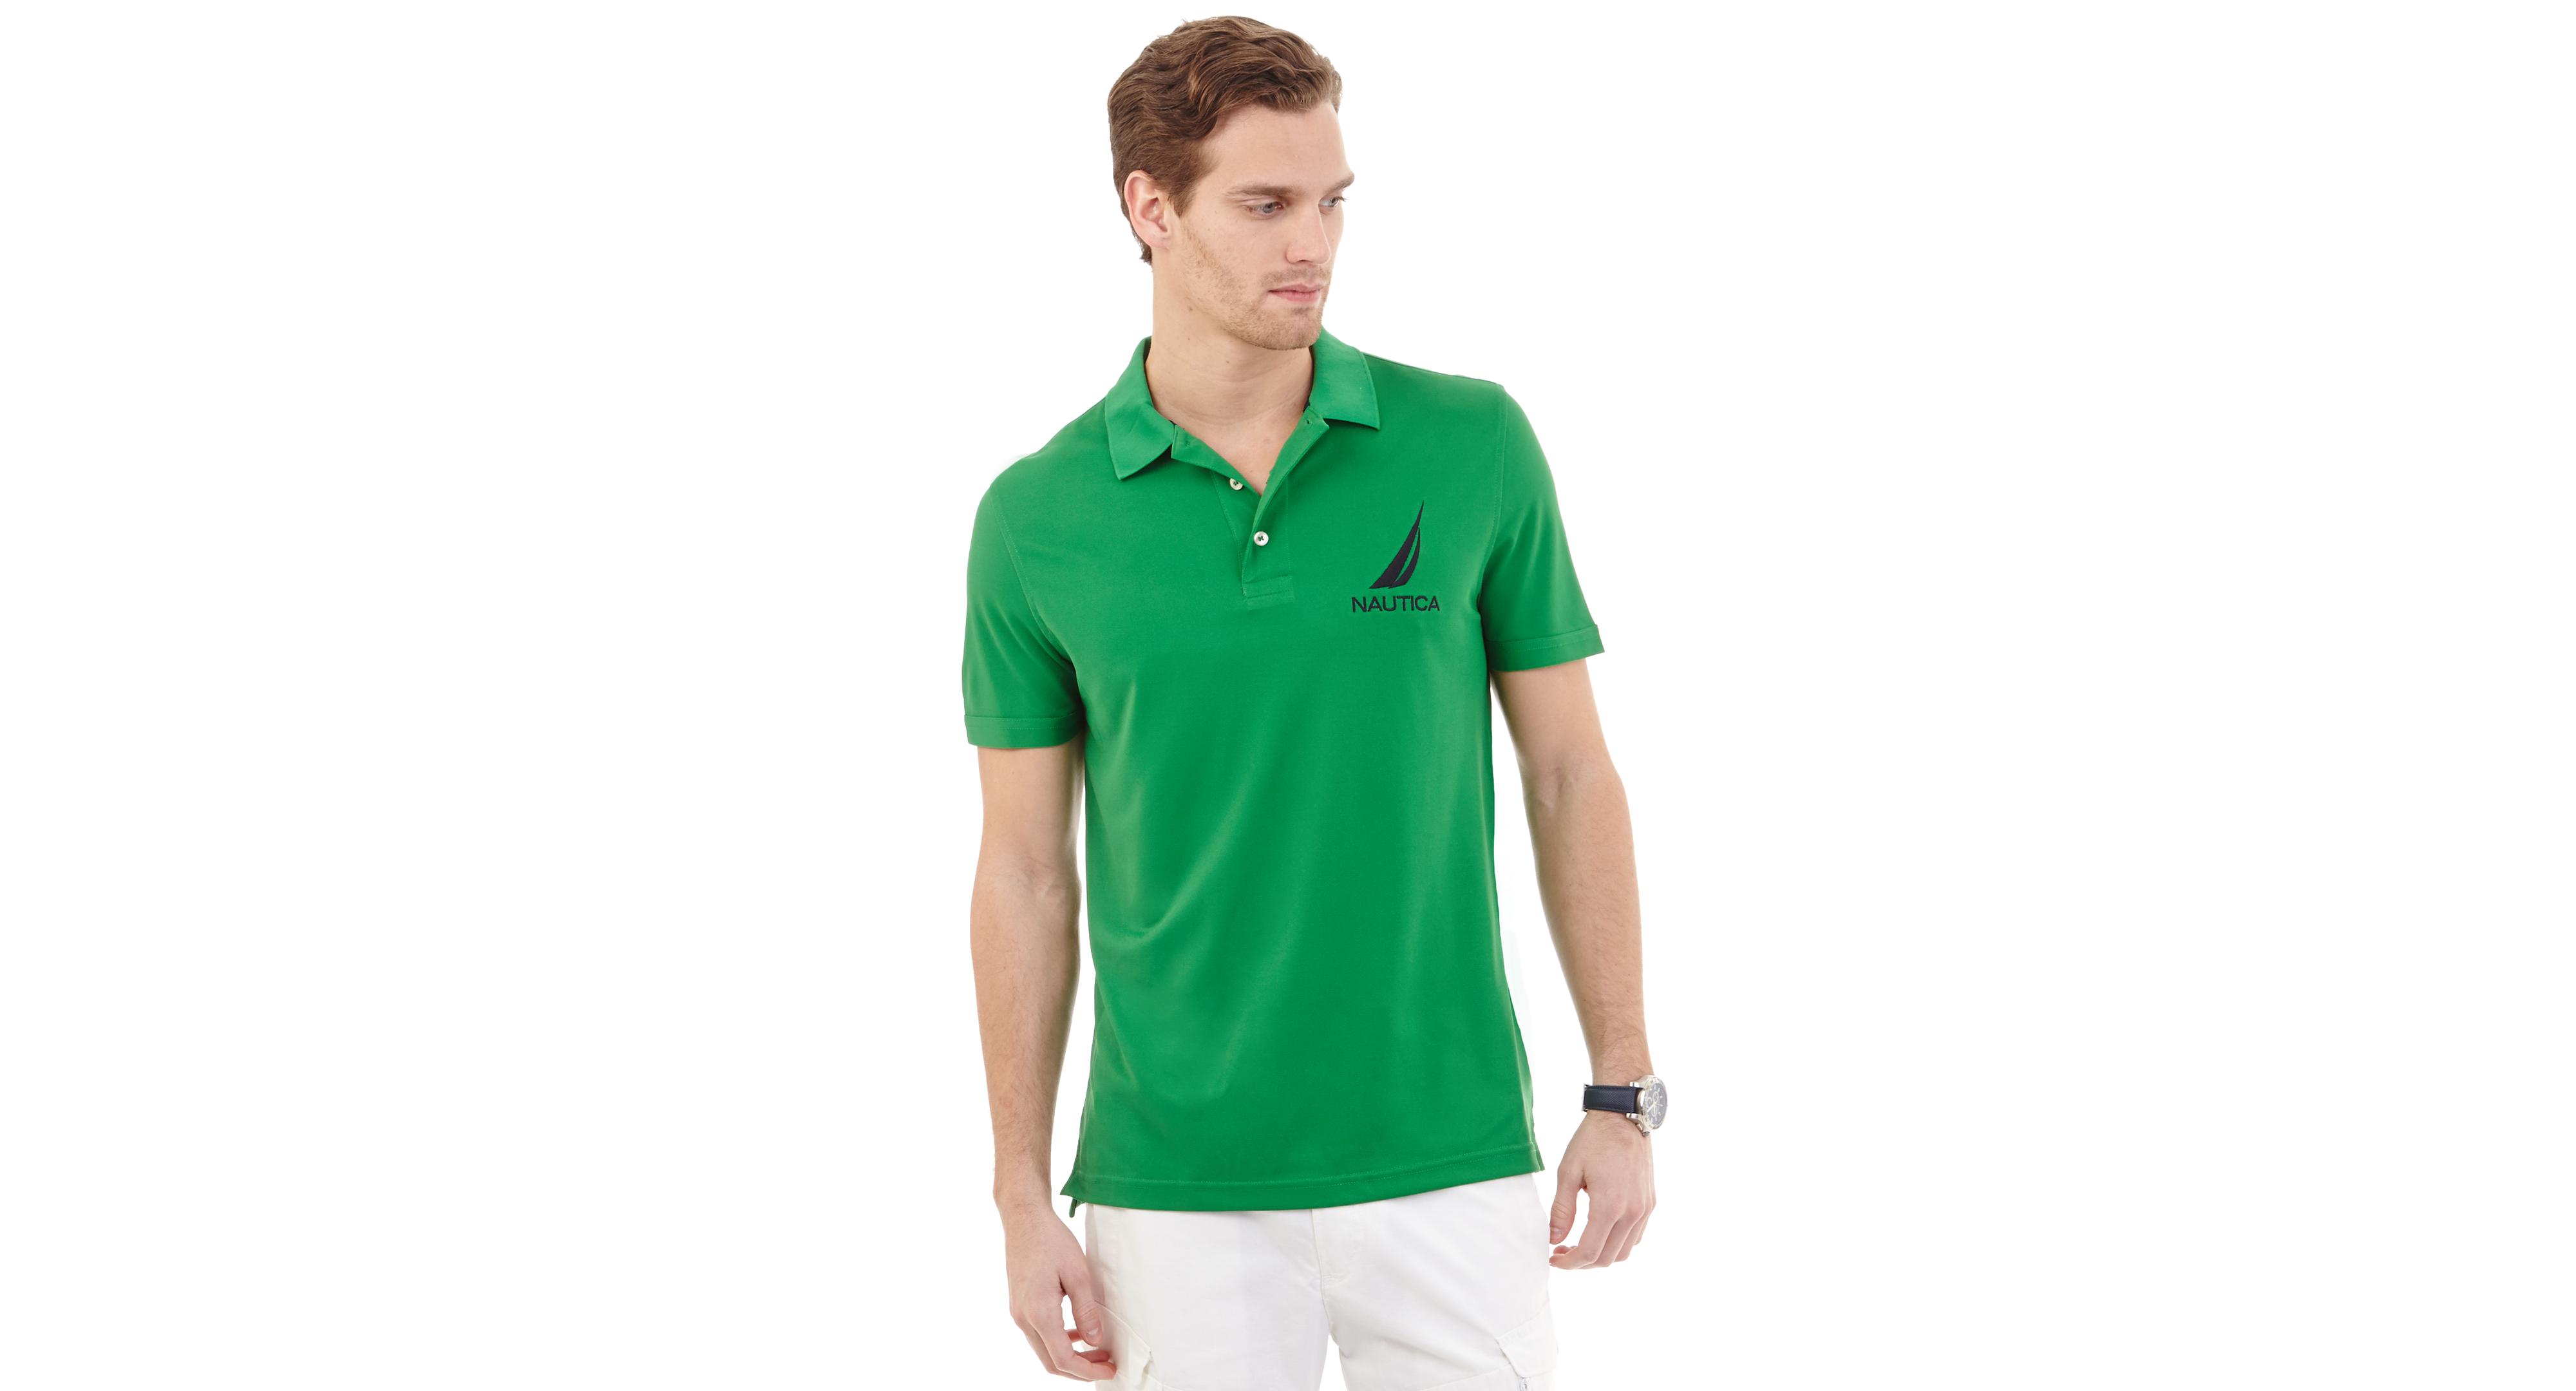 Nautica Tech Solid Logo Golf Polo